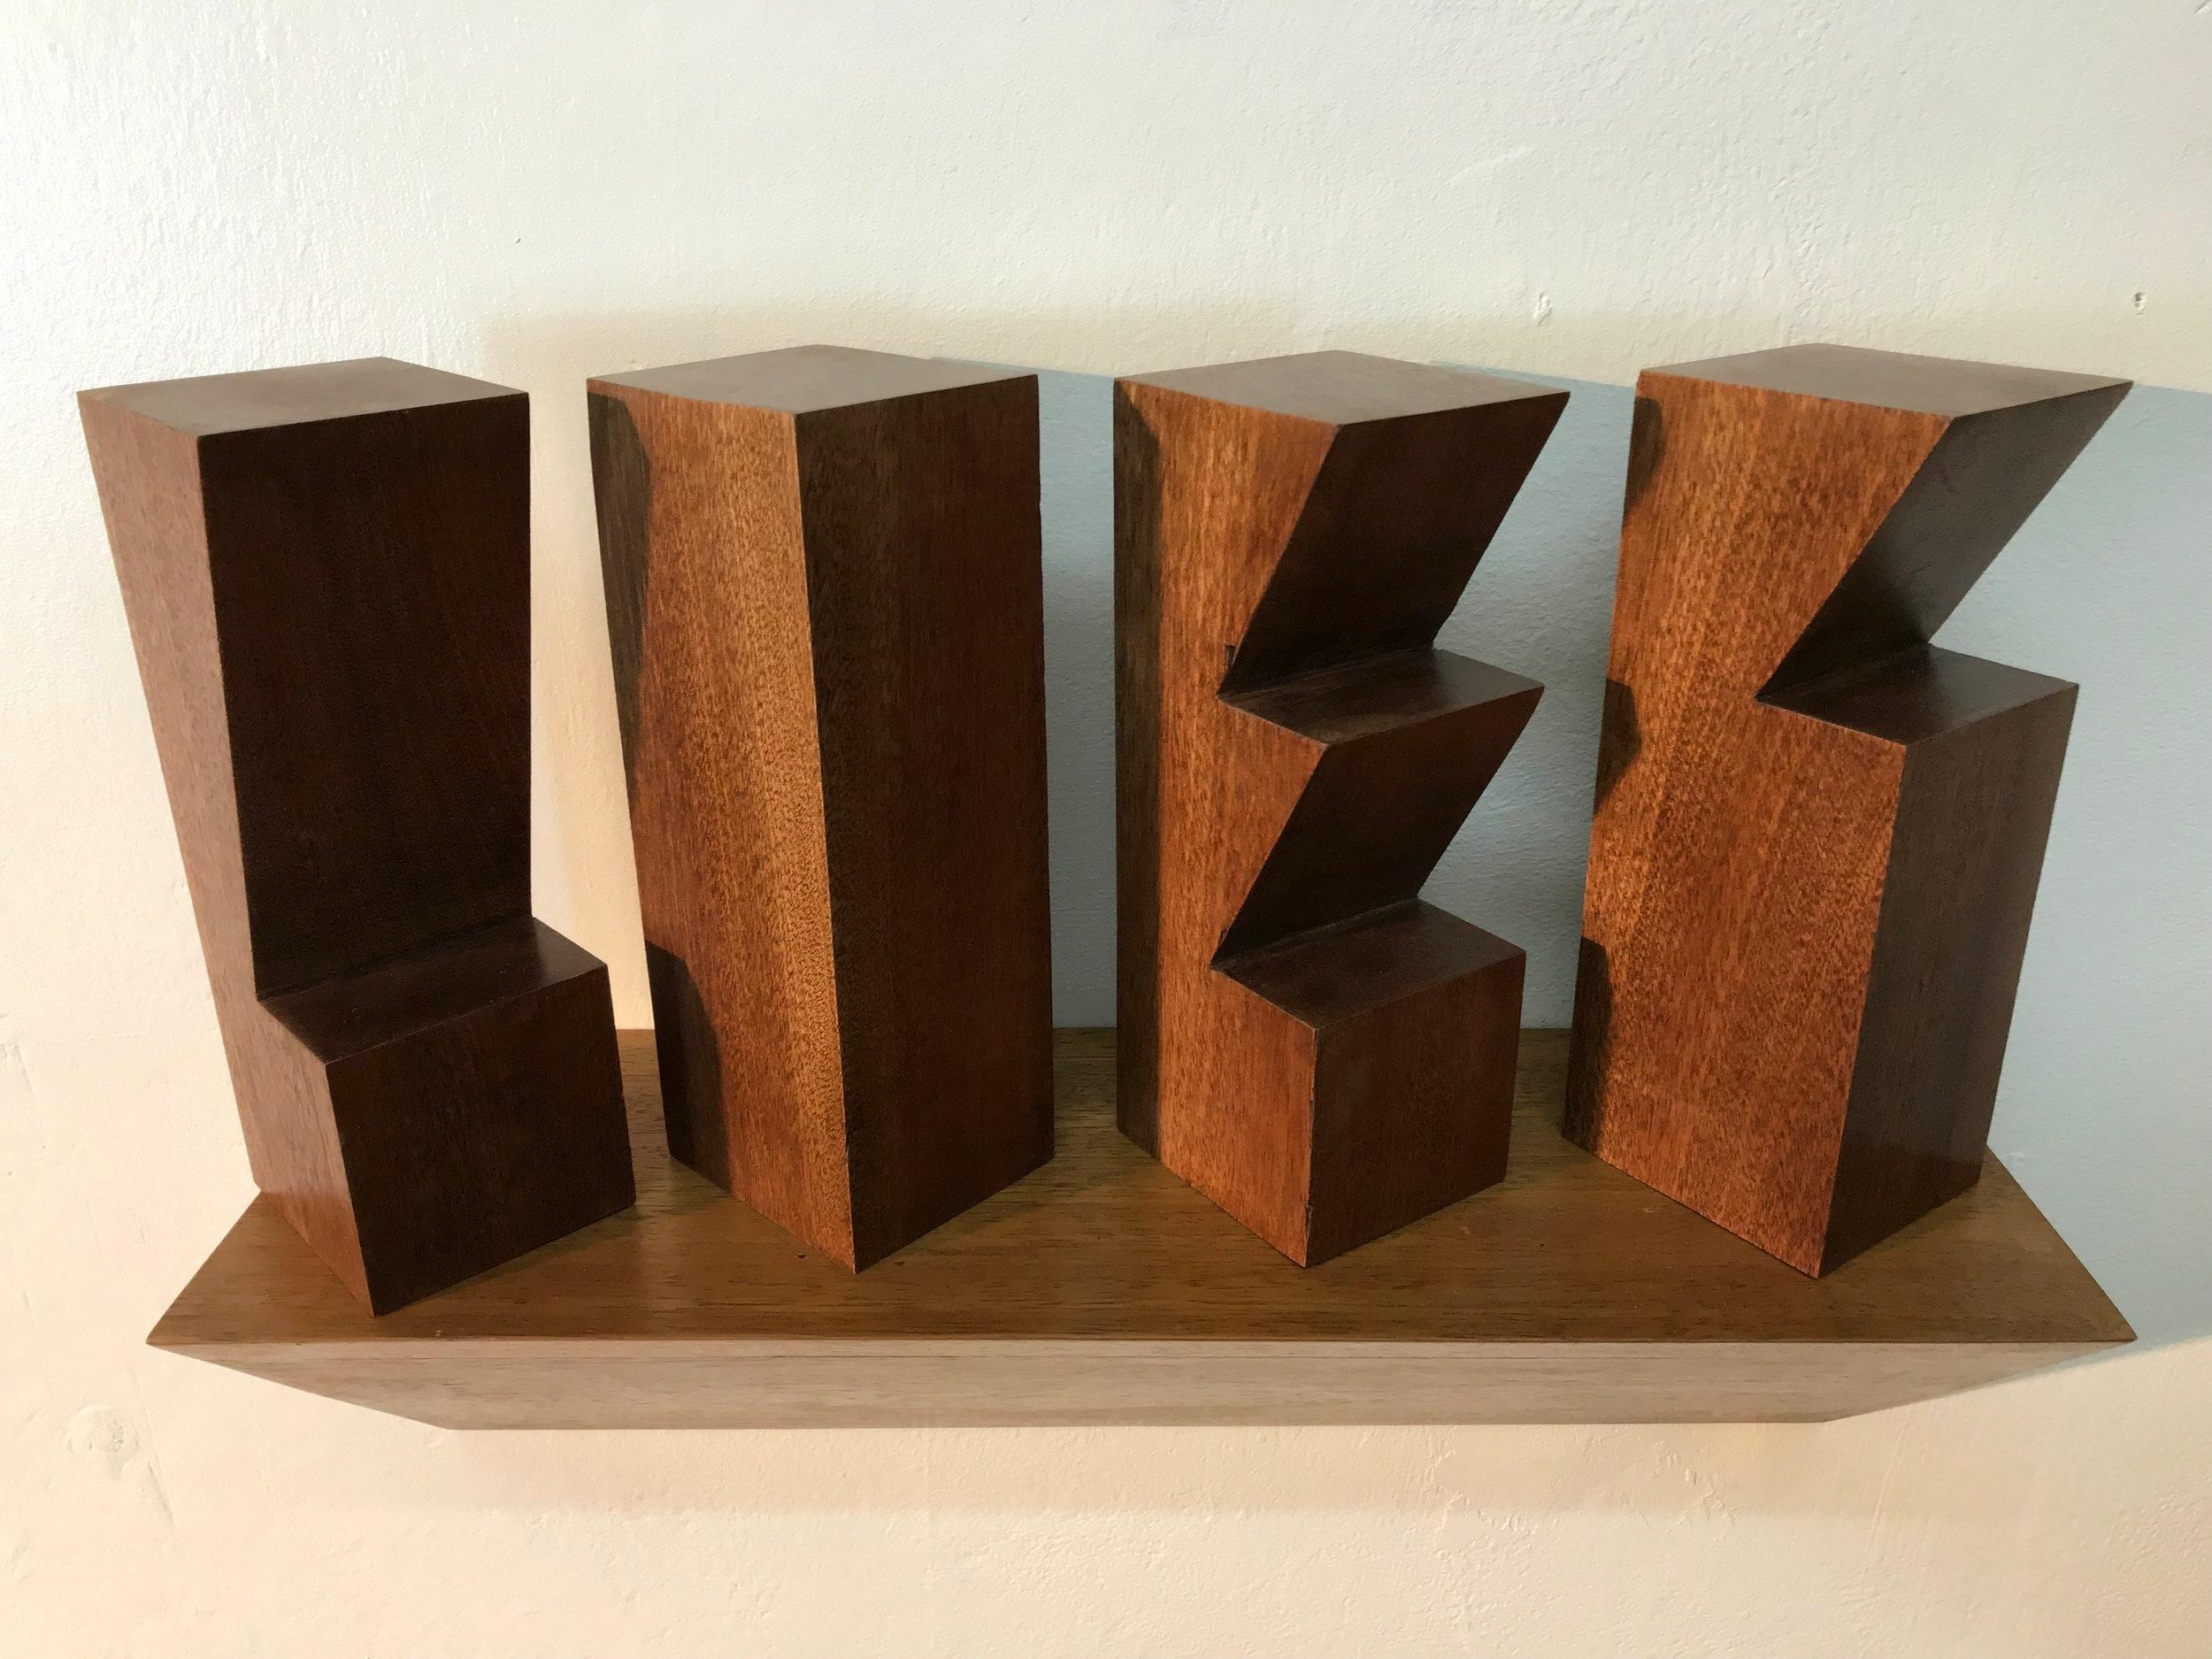 'Overlook II', Sapele & Iroko wood, 40x33x12cm